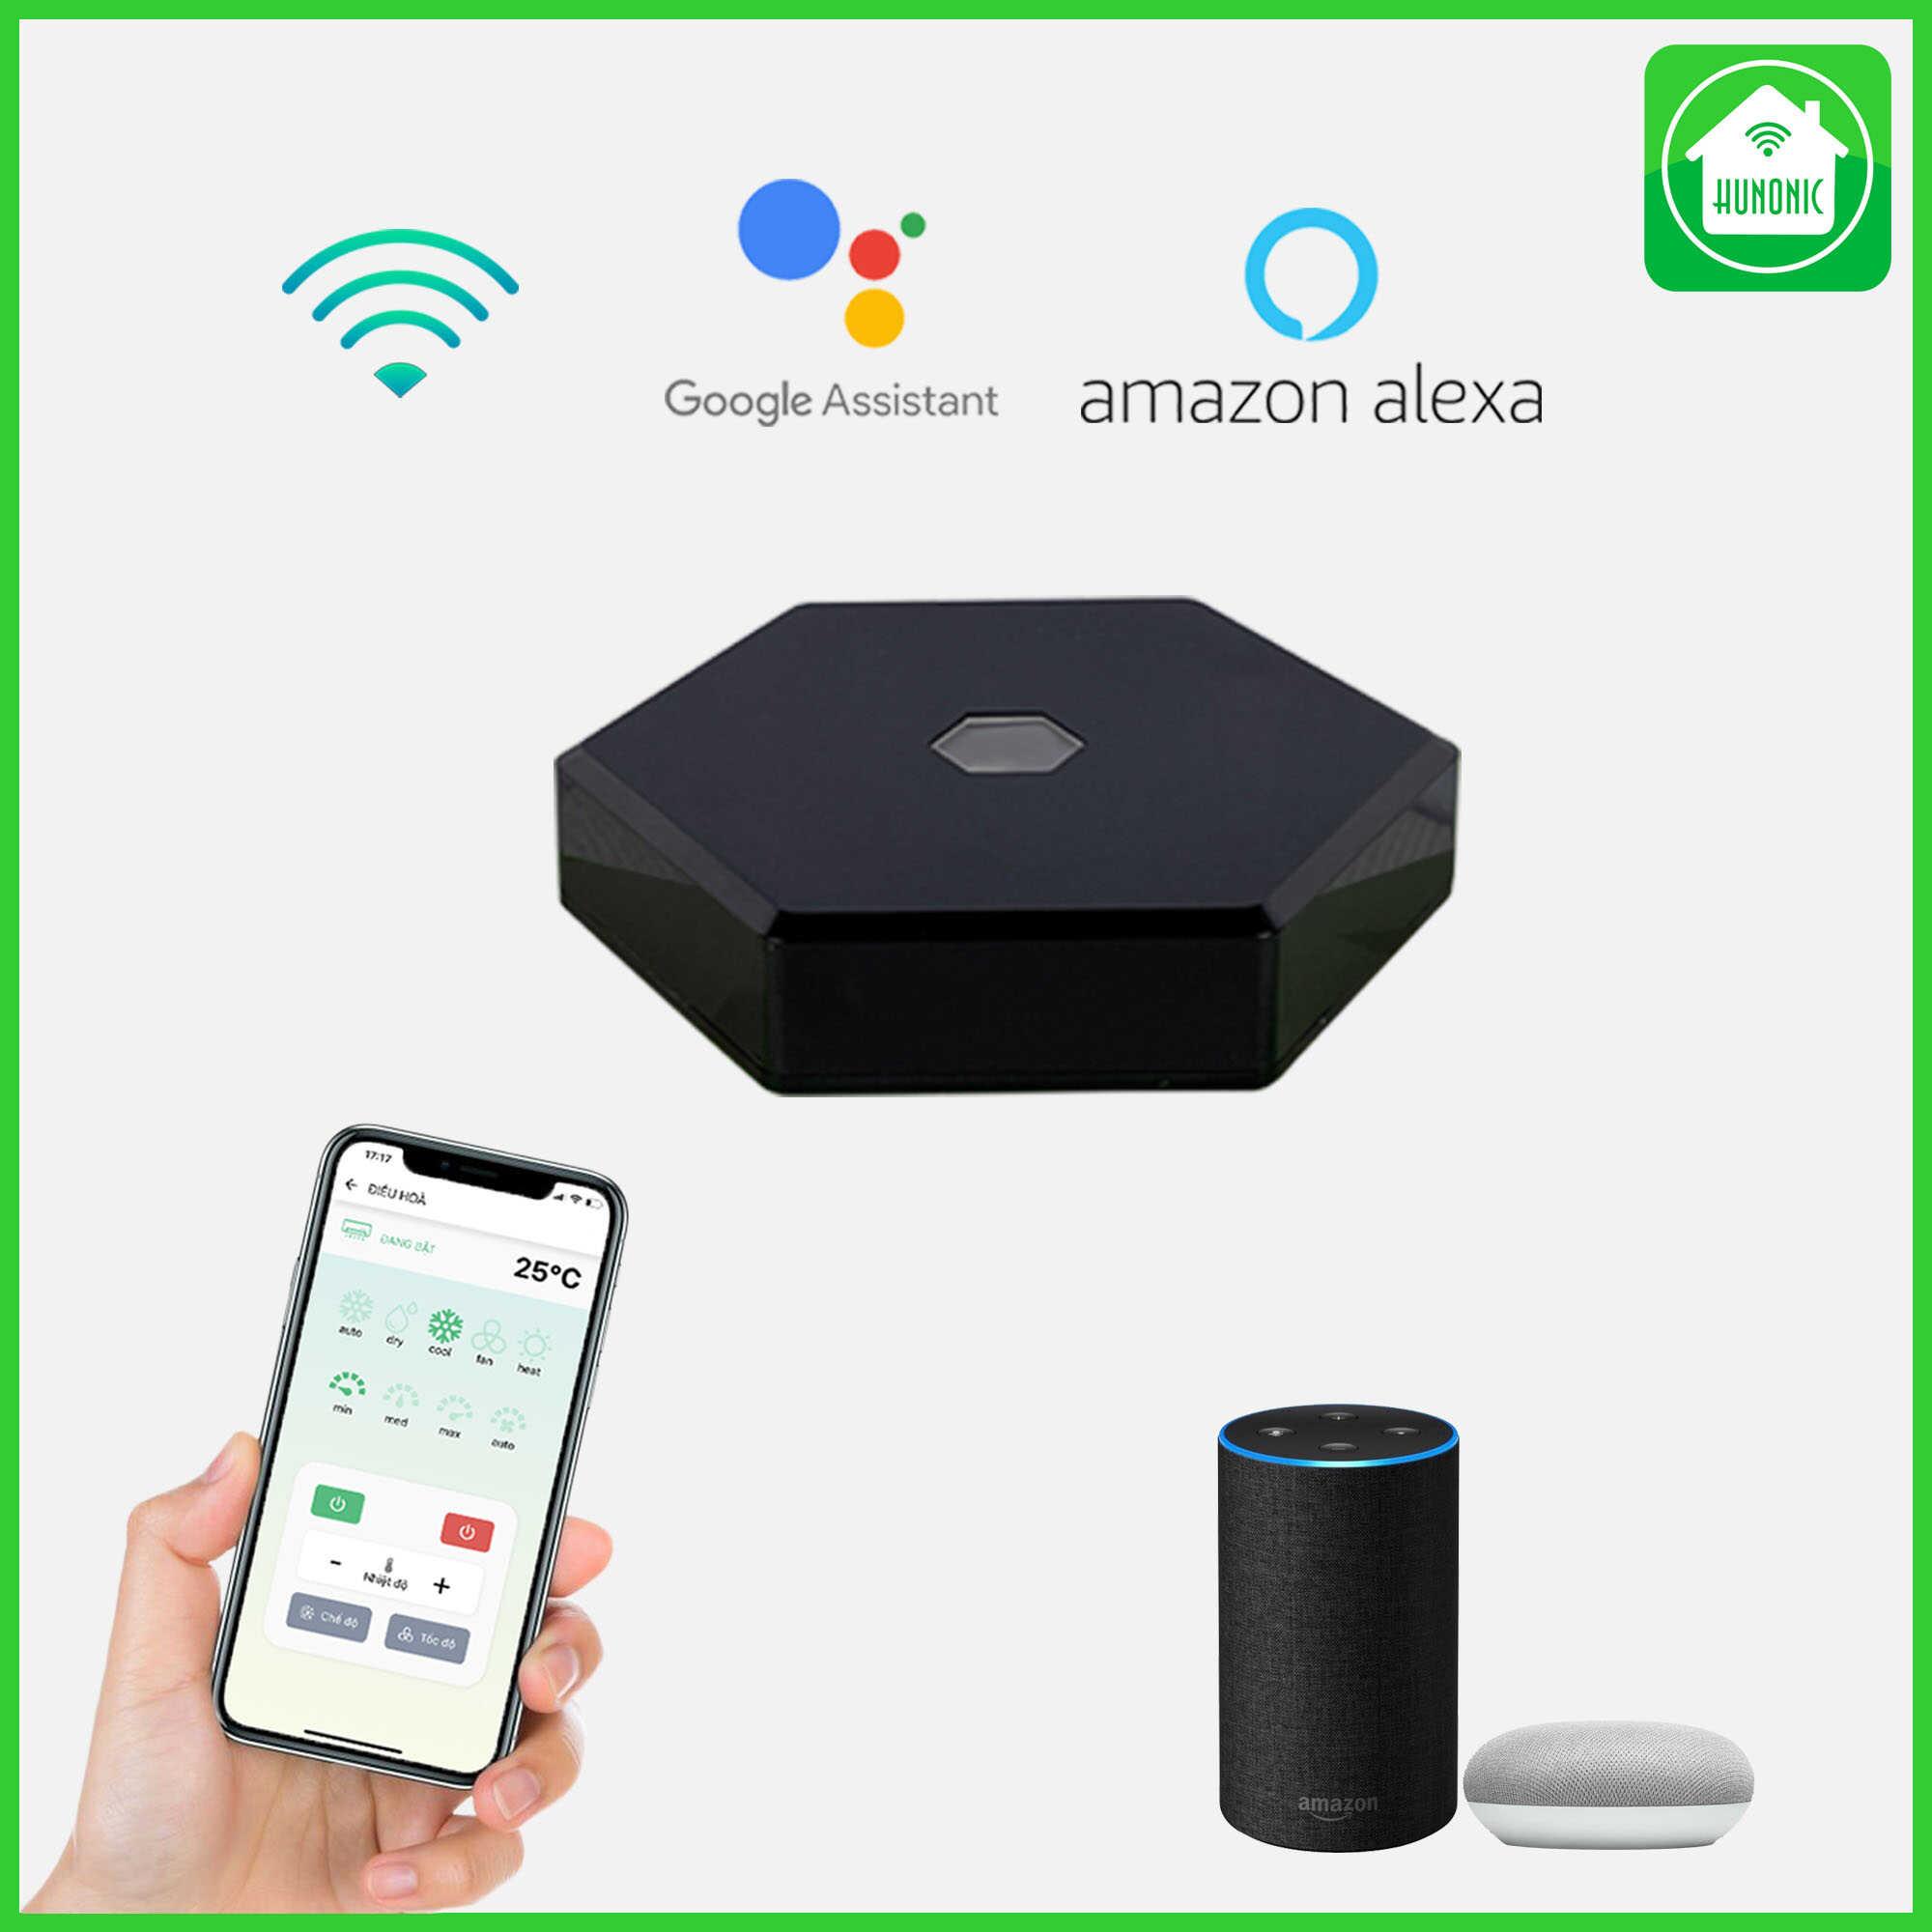 Bộ điều khiển hồng ngoại thiết bị tivi, điều hoà, dàn âm thanh, đầu KTS, quạt… từ xa qua điện thoại- Hỗ Trợ Google Assistant   Hunonic IR Smart-